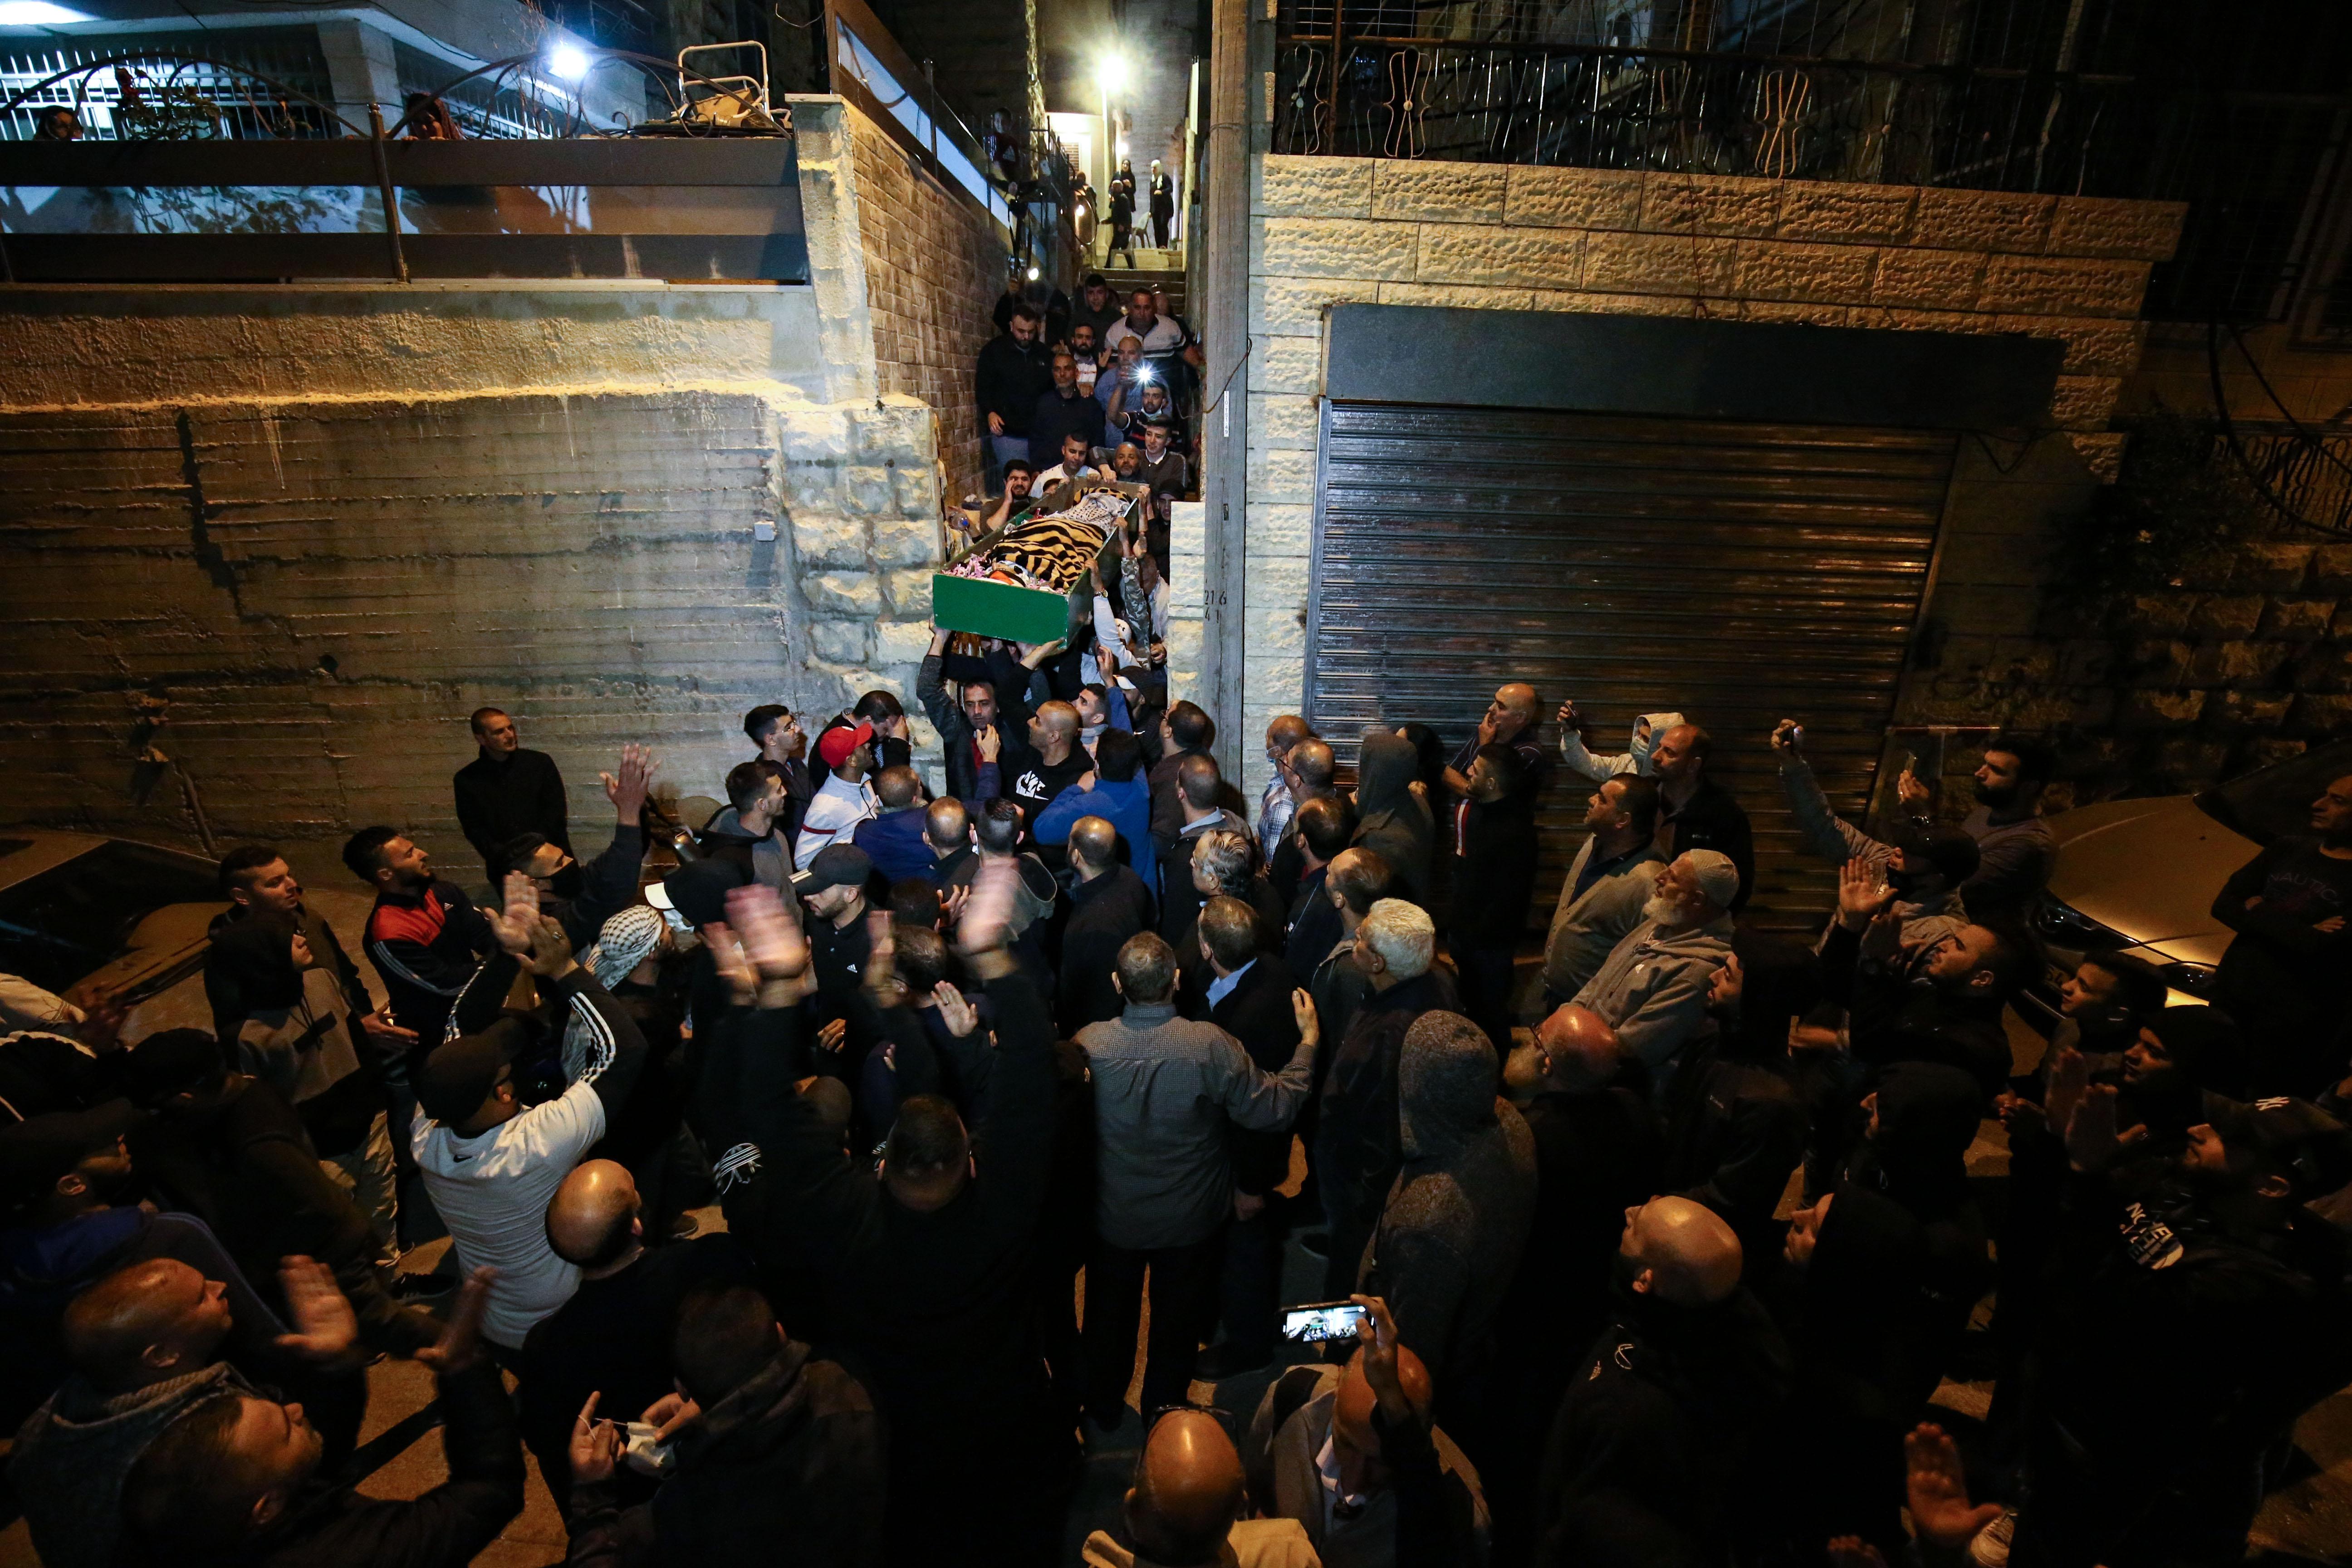 Am Trauerzug von Iyad Halaq, der trotz seiner Behinderung von israelischen Polizisten getötet wurde, nahmen Hunderte teil.